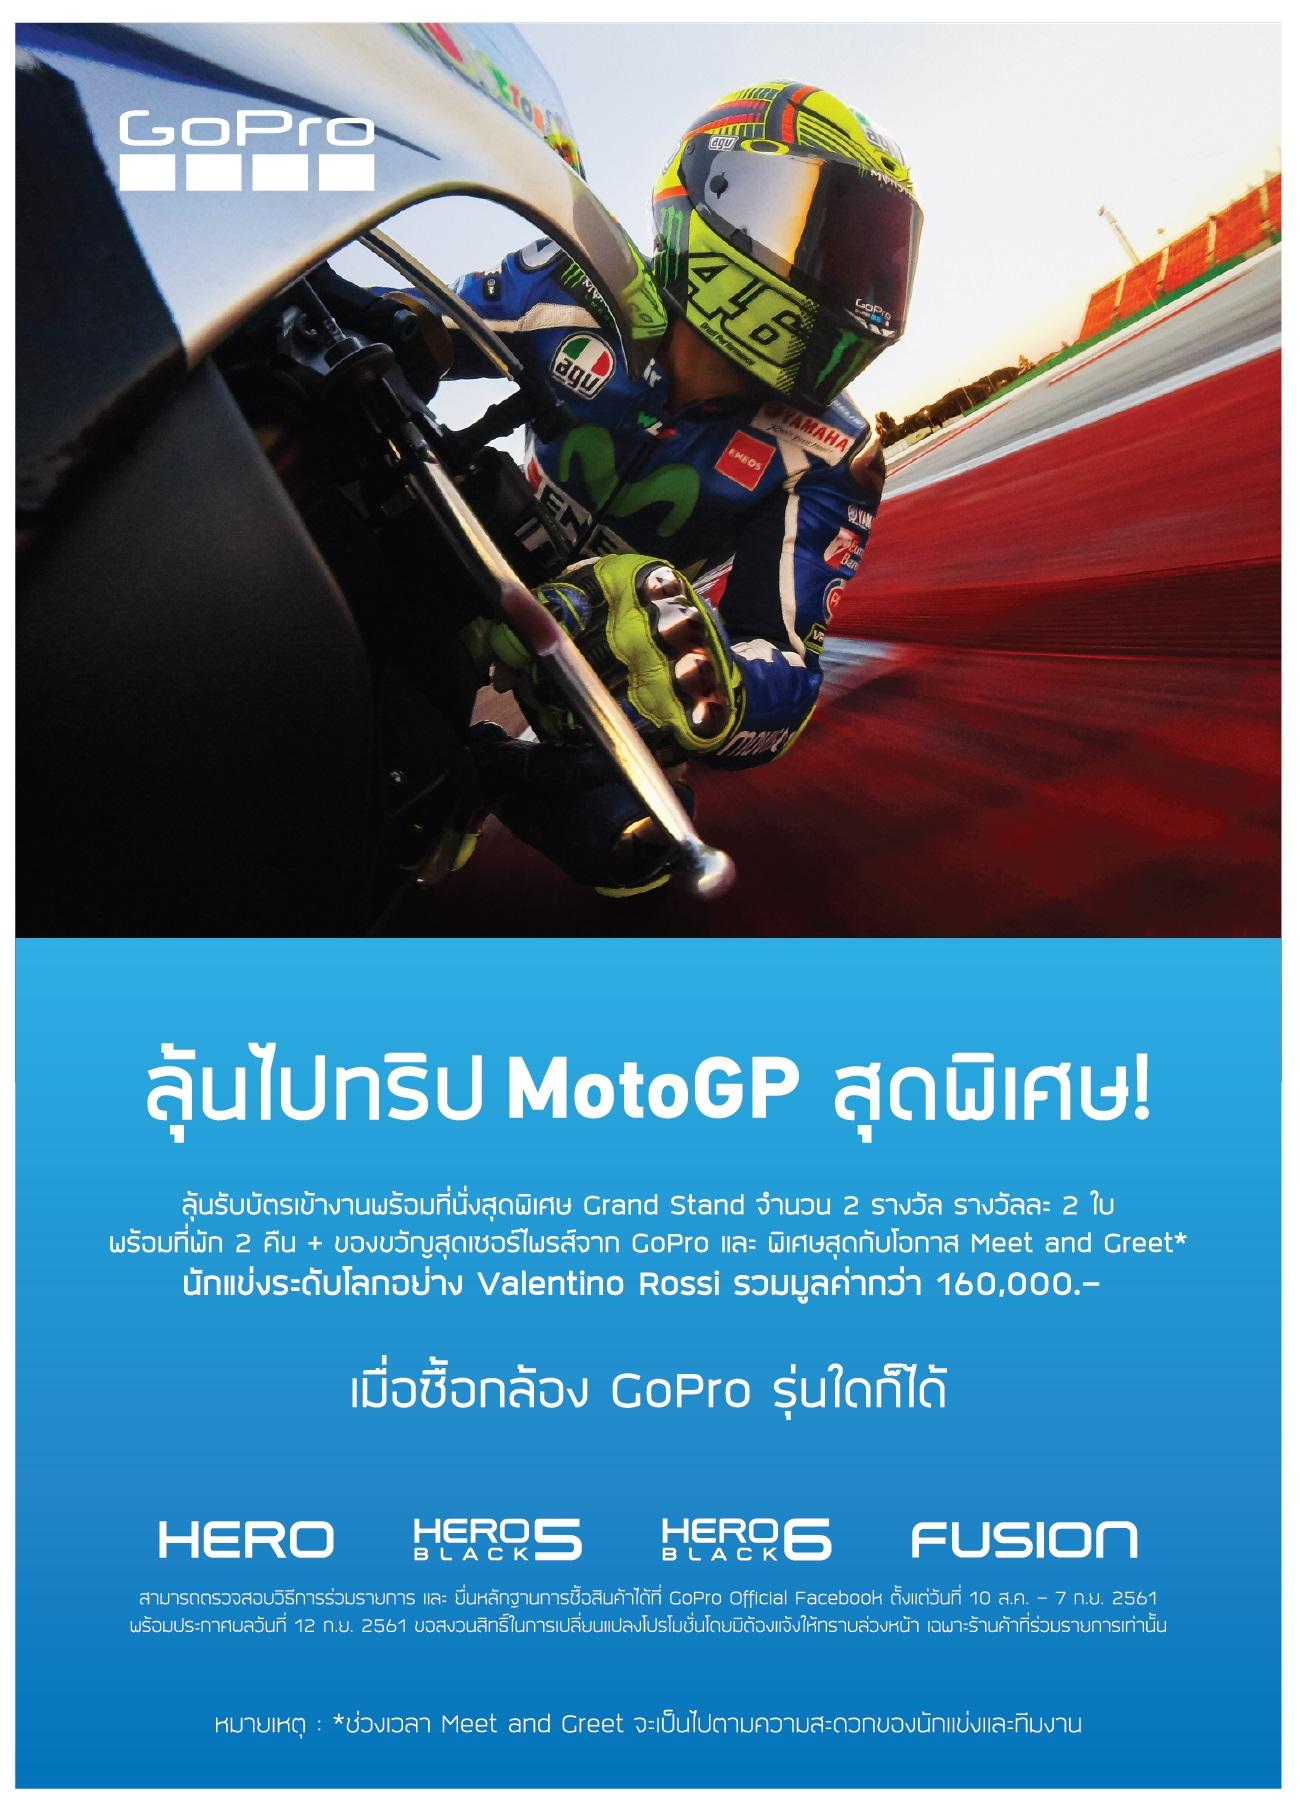 ลุ้นไปทริป MotoGP สุดพิเศษกับ GoPro และโอกาสพิเศษที่จะได้พบกับ Valentino Rossi แชมป์กรังด์ปรีซ์ระดับโลก